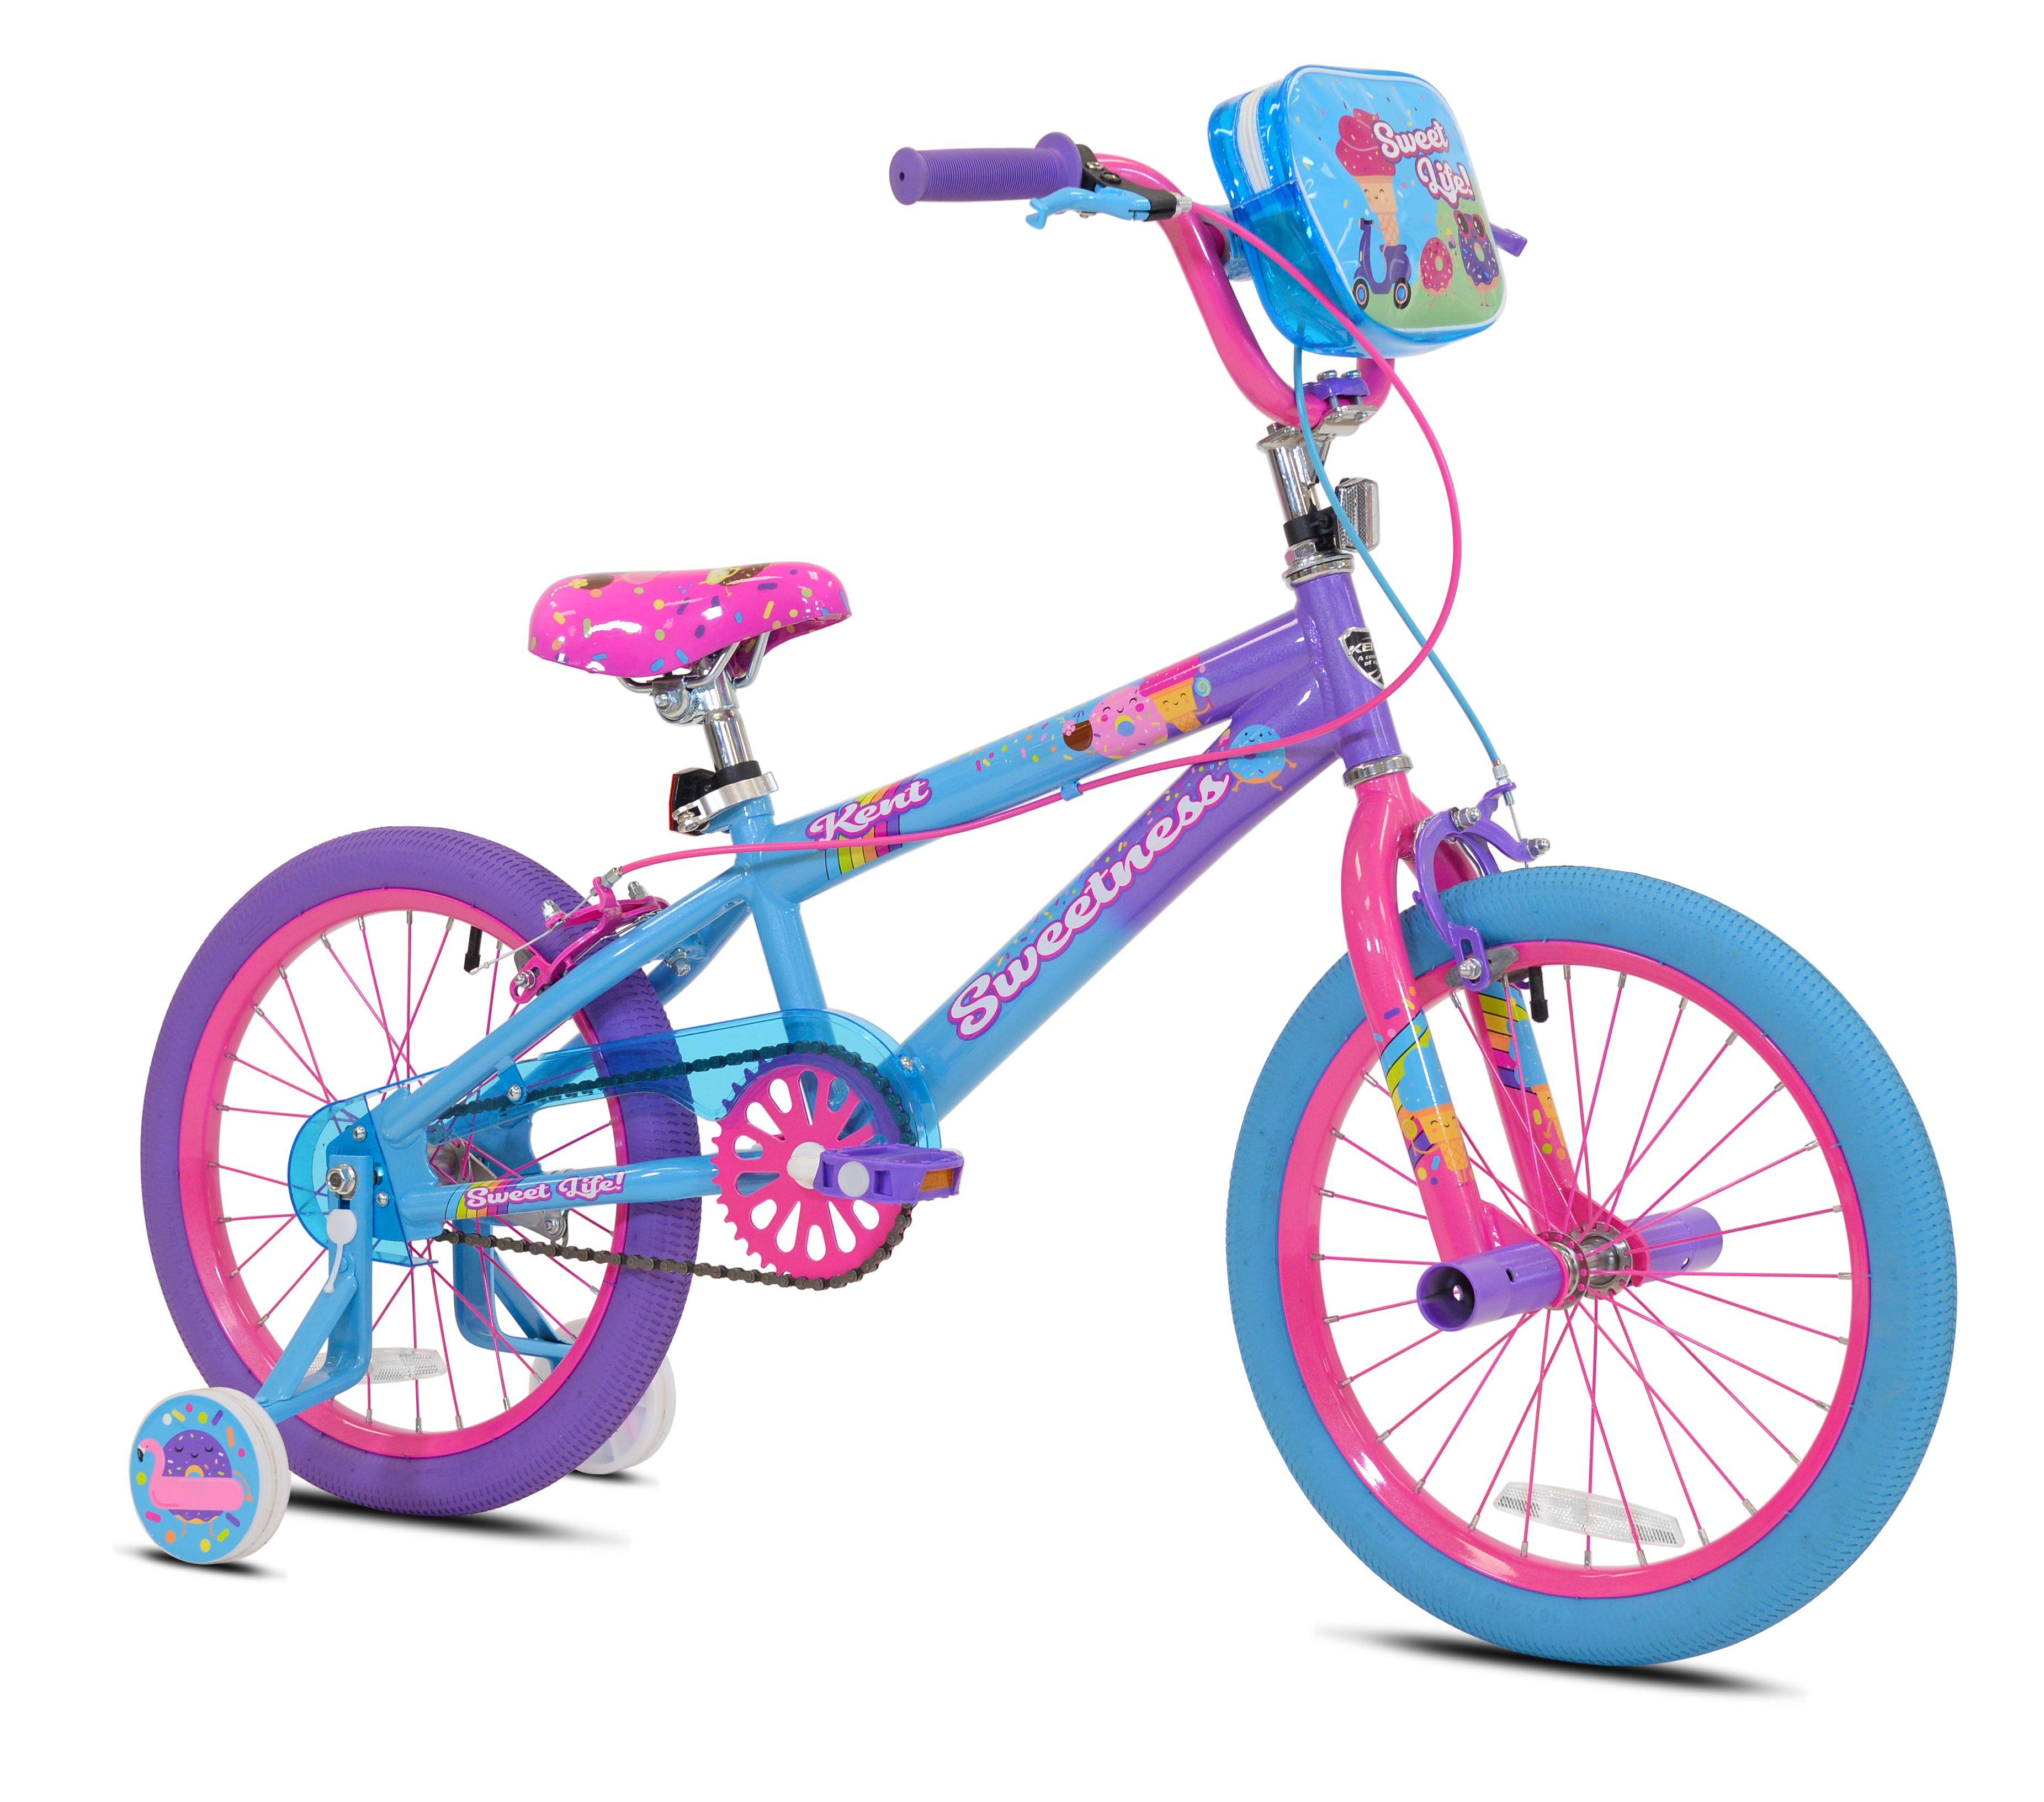 Sports Outdoors Bike With Training Wheels Childrens Bike Bike